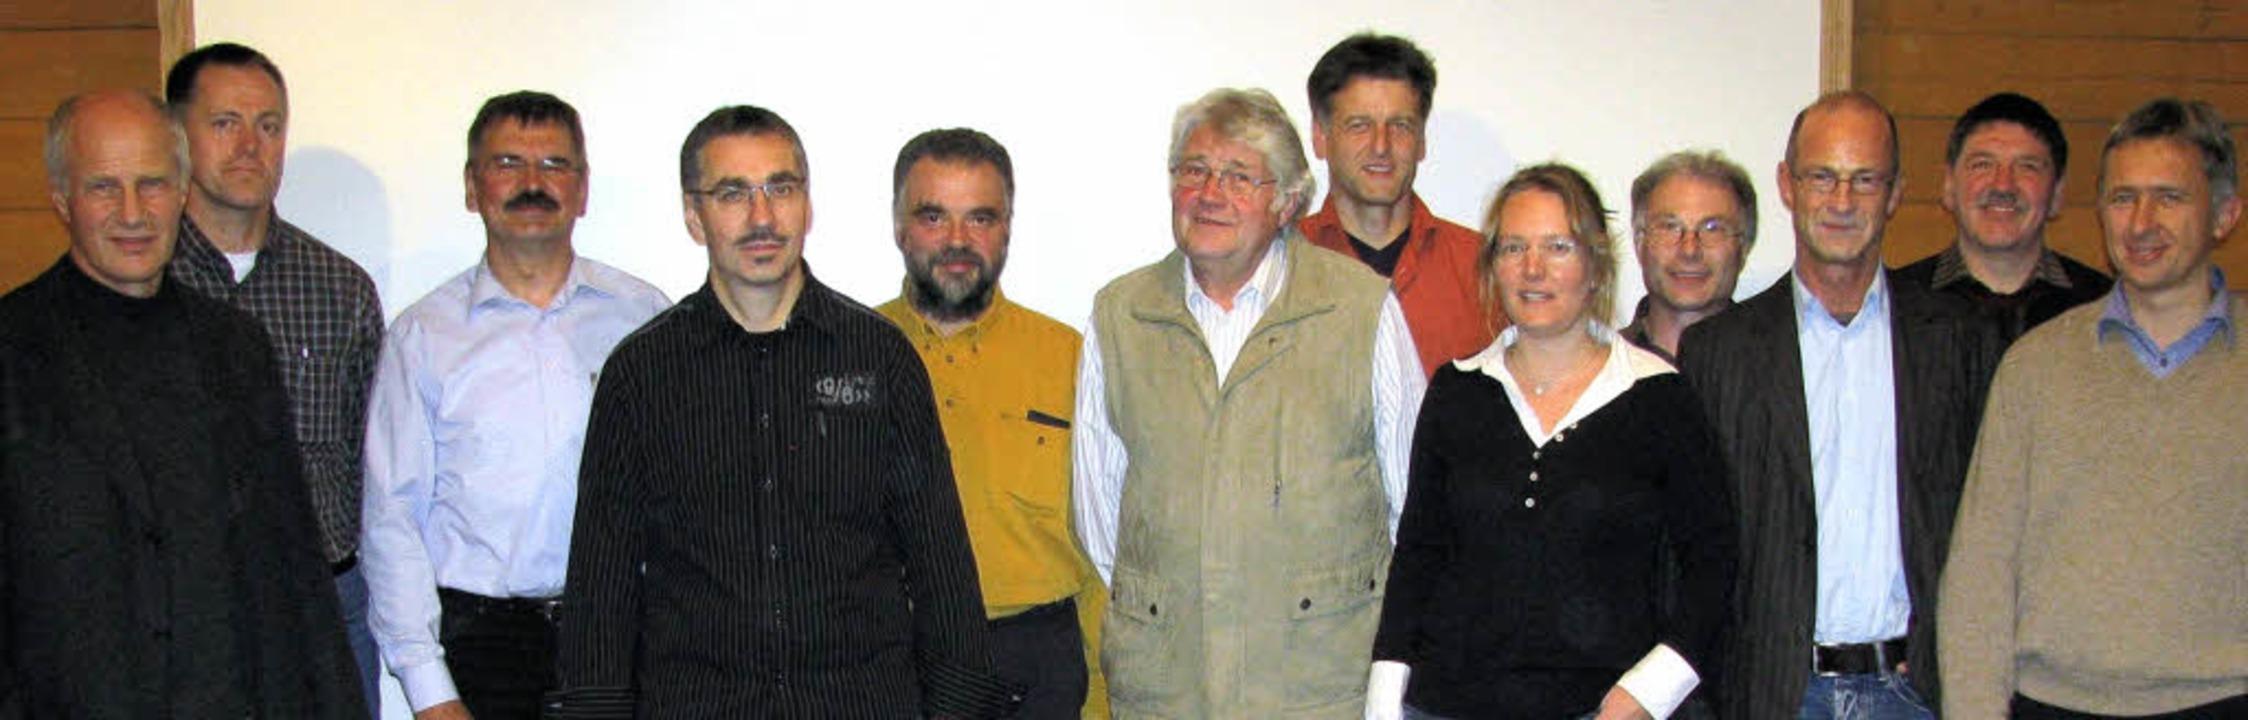 Aufsichtsrat und Vorstand der neuen Ge...ppen, Jürgen Roesch und Claus Burger.   | Foto: Hubert Dietrich